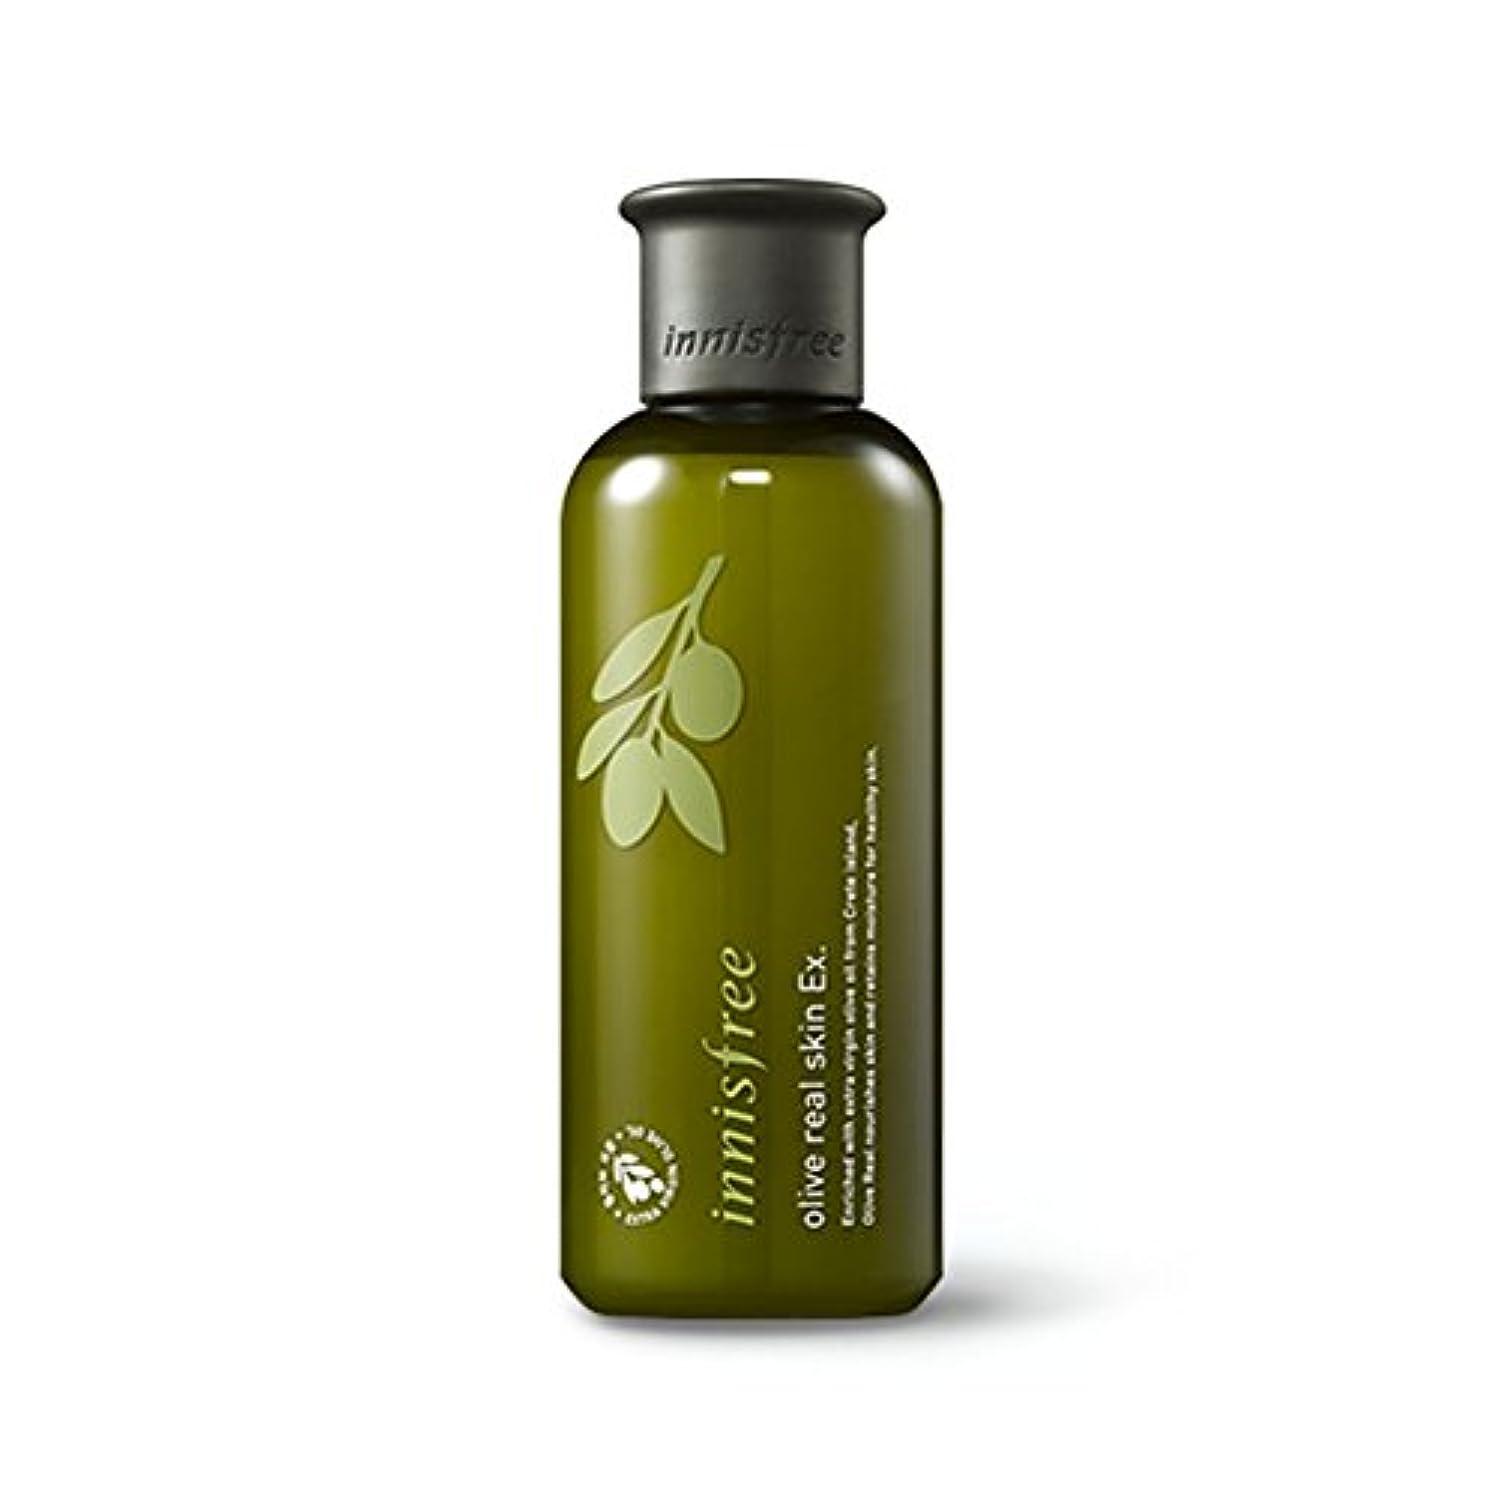 コピー昨日異邦人イニスフリーオリーブリアルスキン 200ml Innisfree Olive Real Skin Ex. 200ml [海外直送品][並行輸入品]